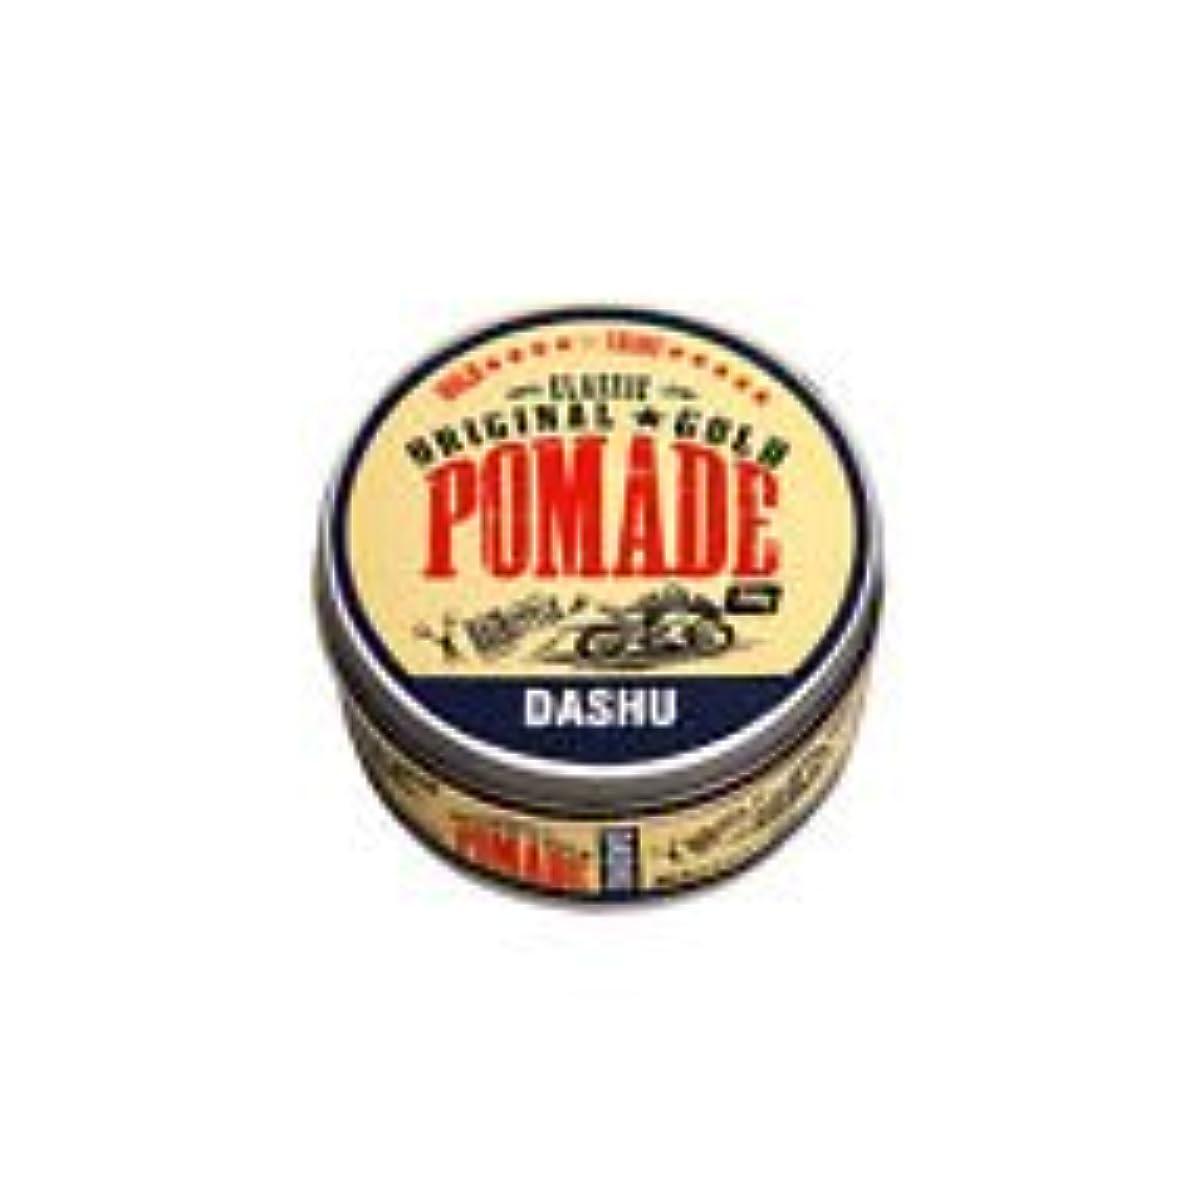 窓を洗うペルー糸[DASHU] ダシュ クラシックオリジナルゴールドポマードヘアワックス Classic Original Gold Pomade Hair Wax 100ml / 韓国製 . 韓国直送品